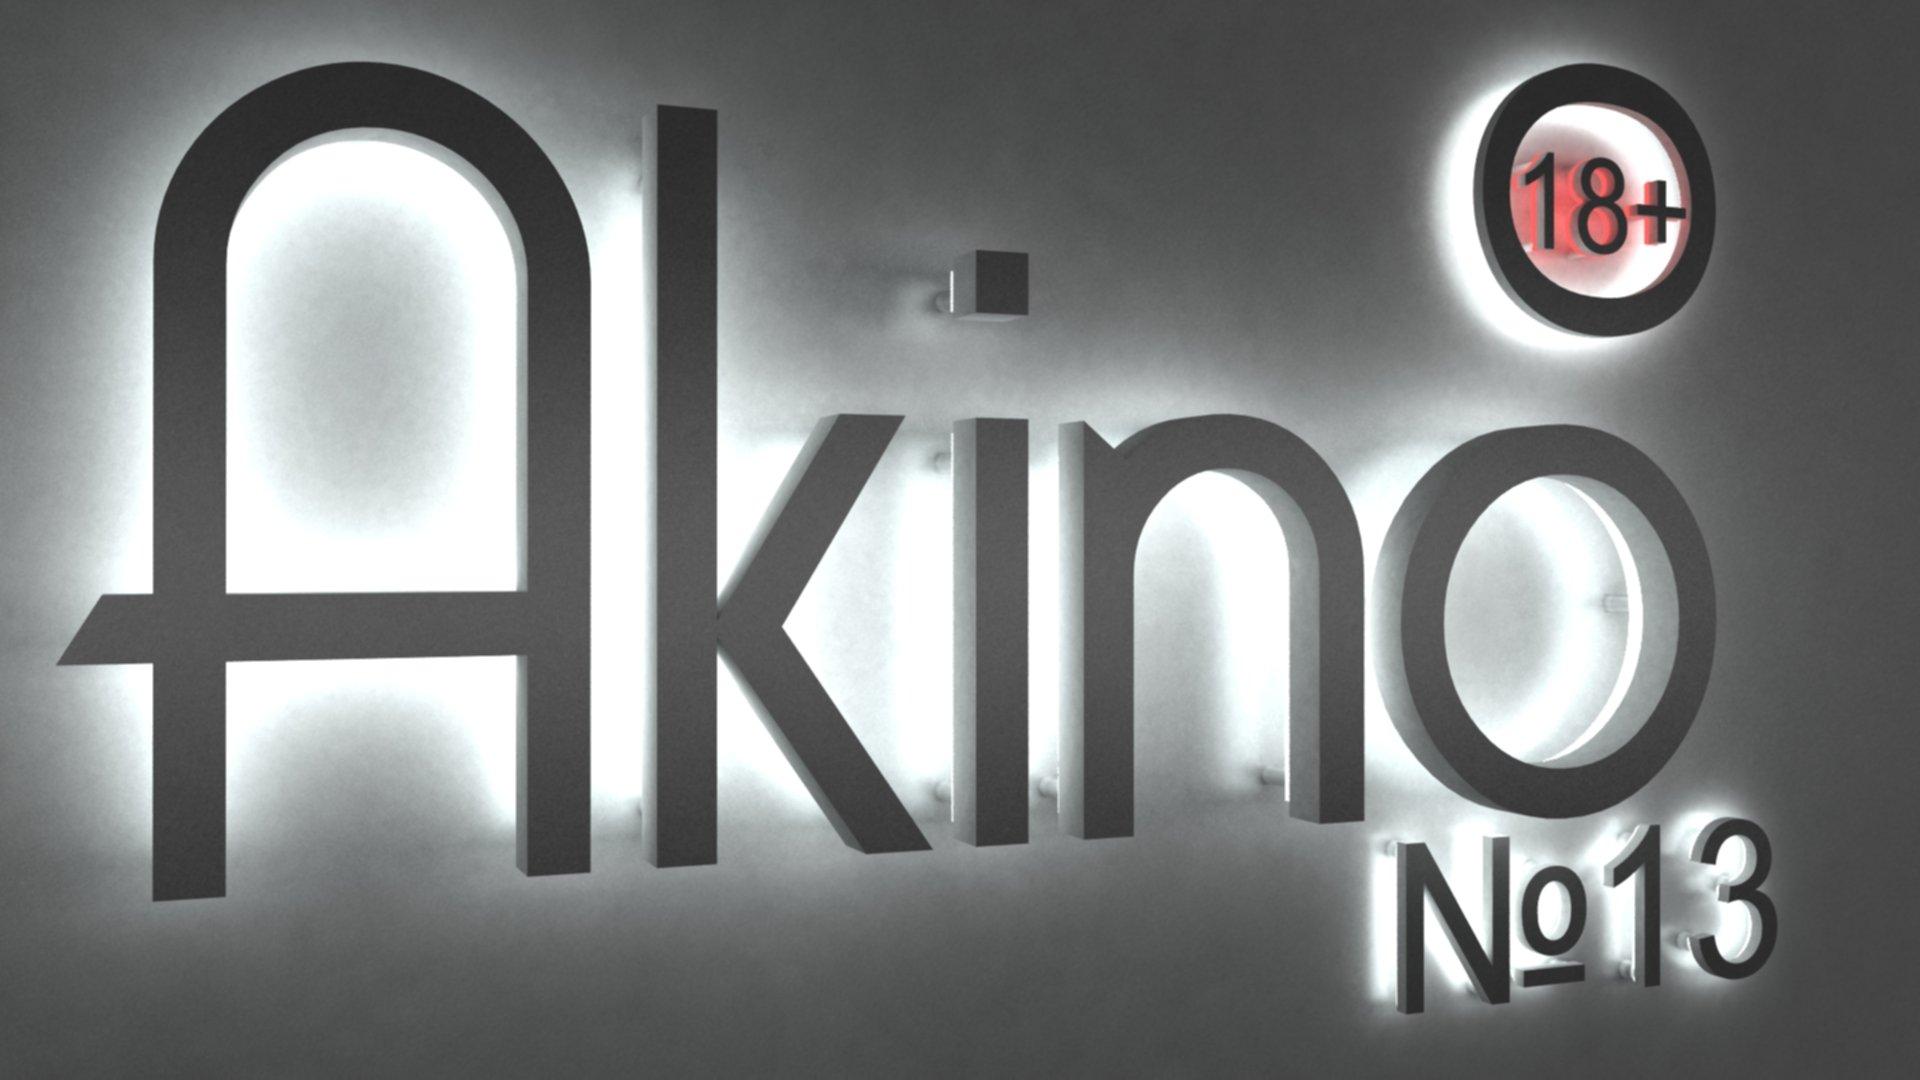 Подкаст AkiNO Выпуск № 13 (18+). - Изображение 1